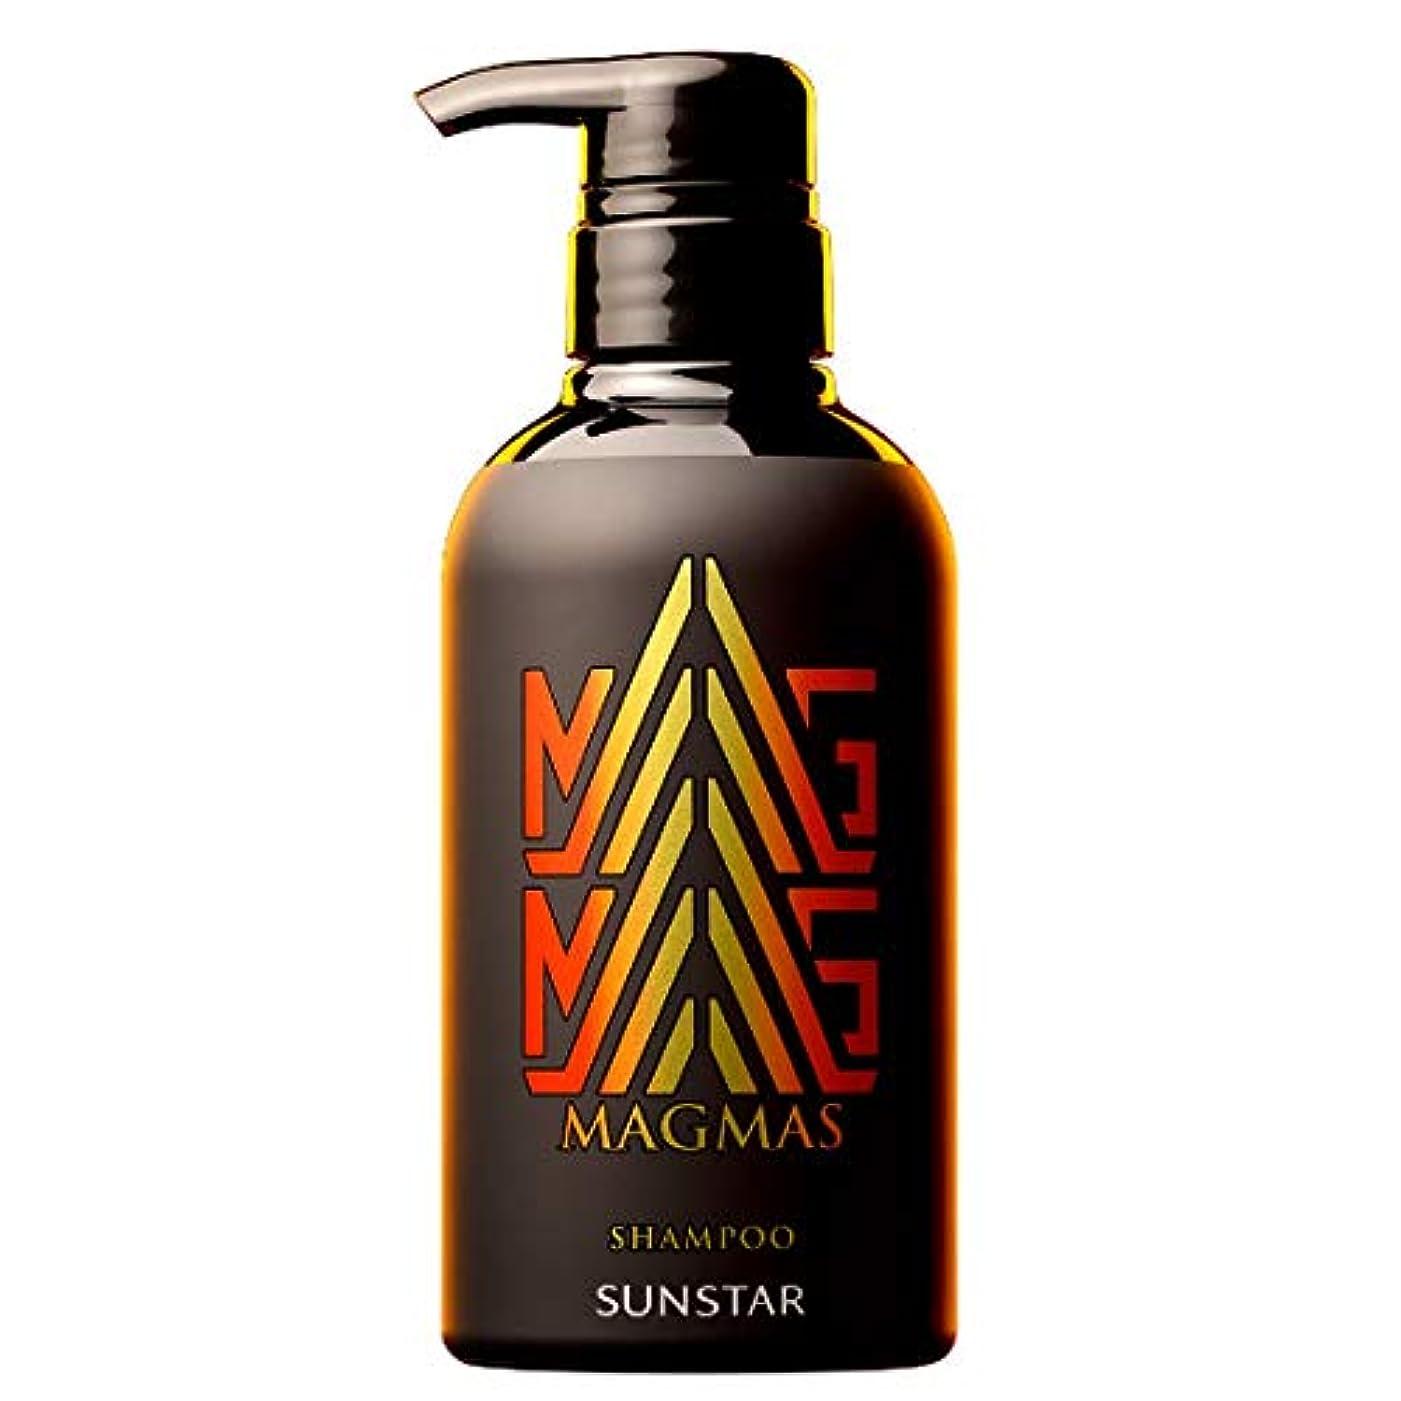 講義でる名門サンスター メンズ 亜鉛導入シャンプー MAGMAS(マグマス) 髪のボリュームアップ & スカルプケア 400ml